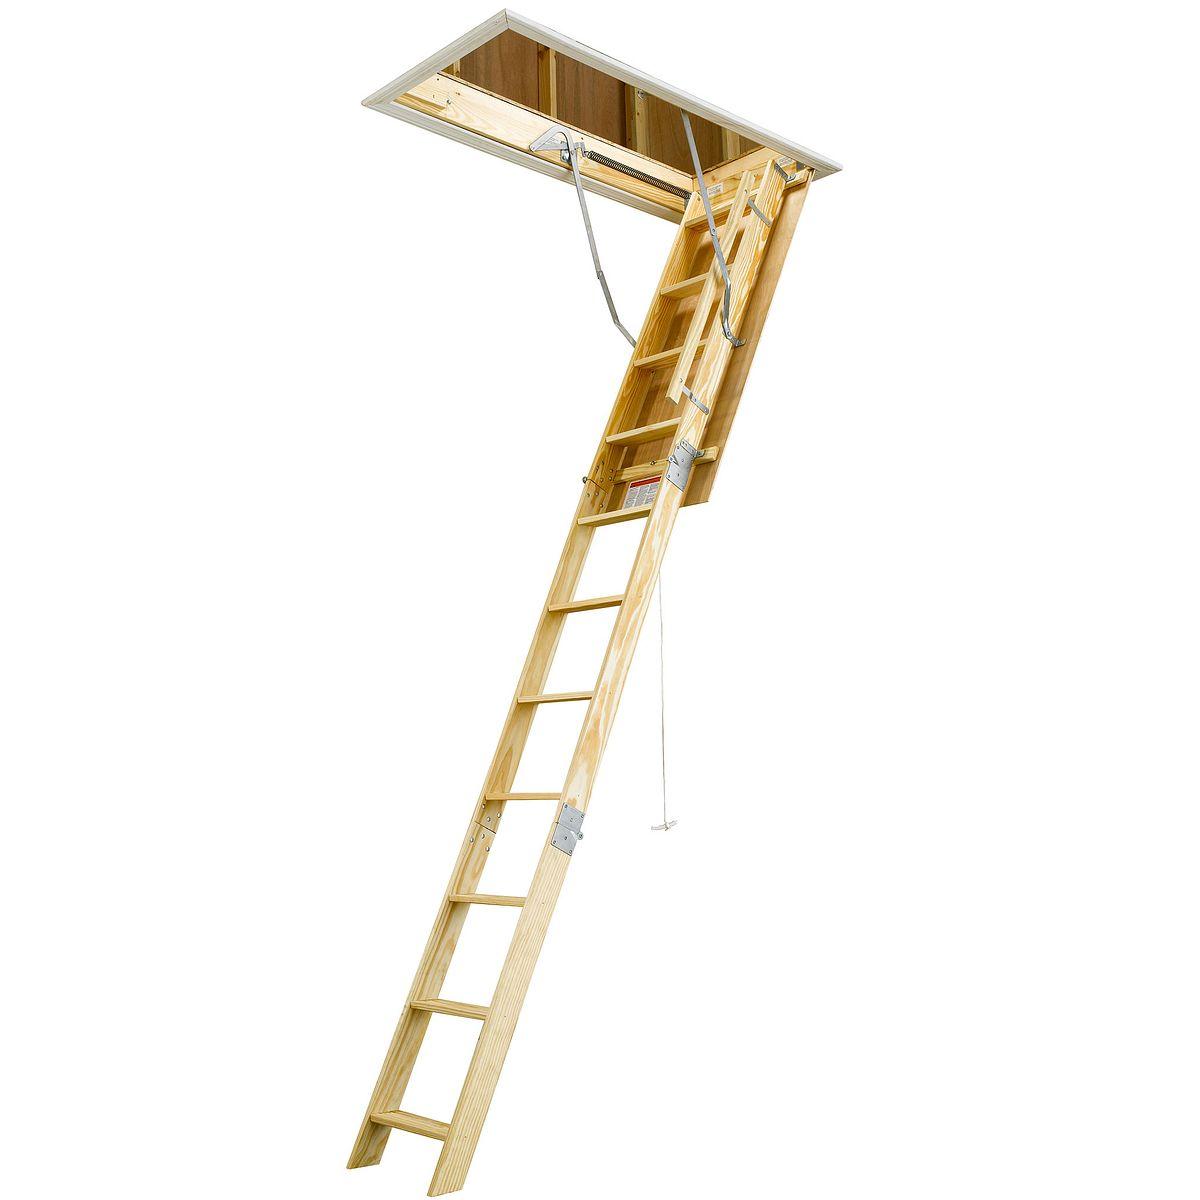 W2510 Attic Ladders Werner Us